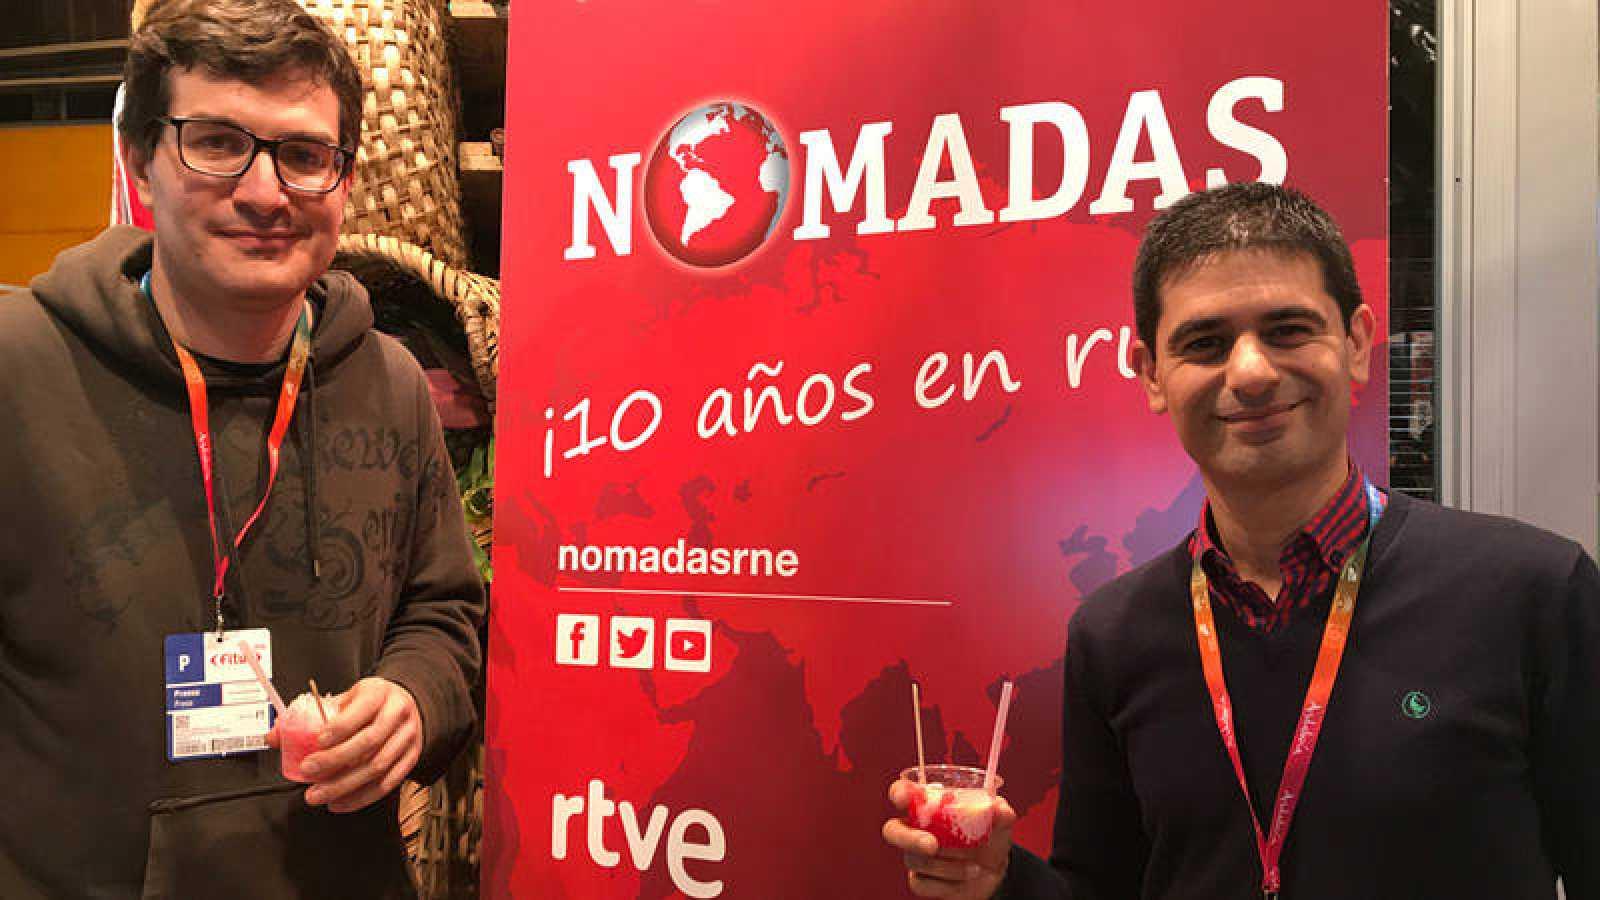 Álvaro Soto, responsable de 'Nómadas', y Rubén Vidal, de RTVE.es.